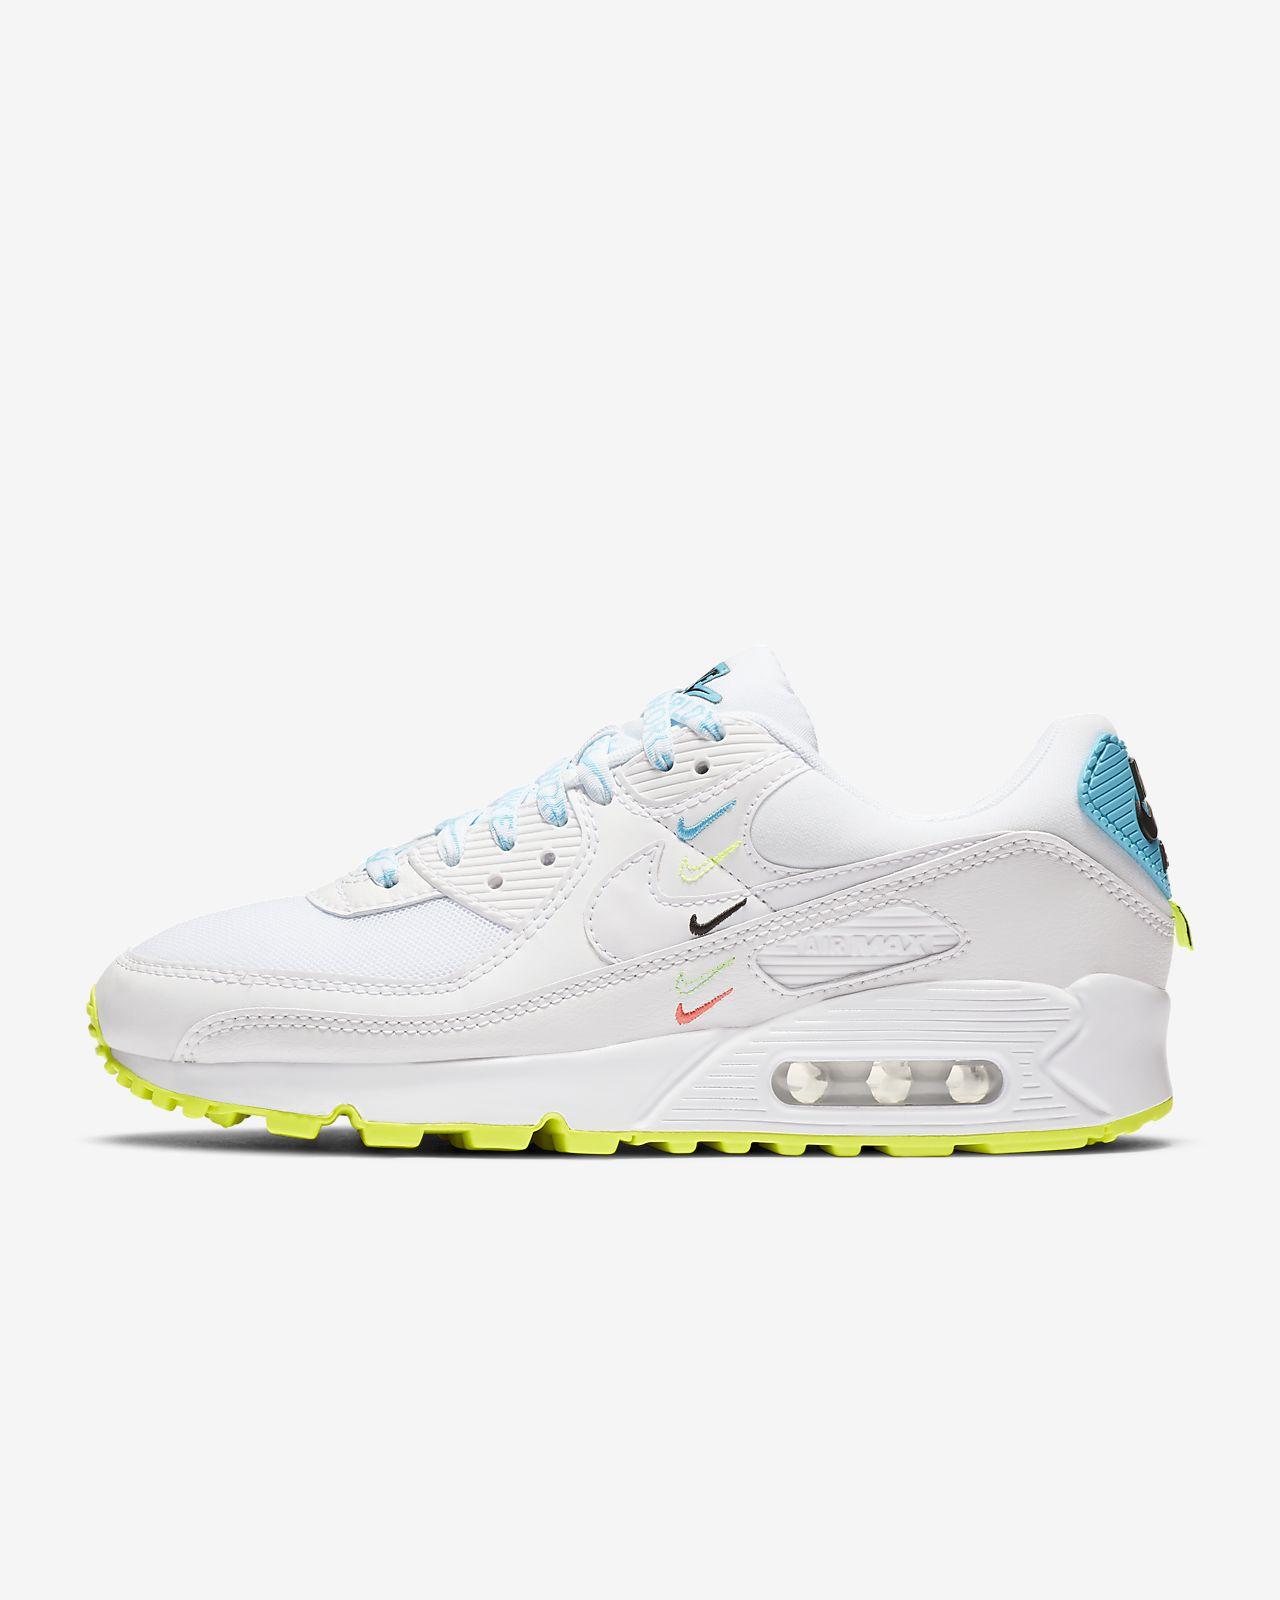 Nike Air Max 90 Essential | Nike free, Nike air max, Nike air